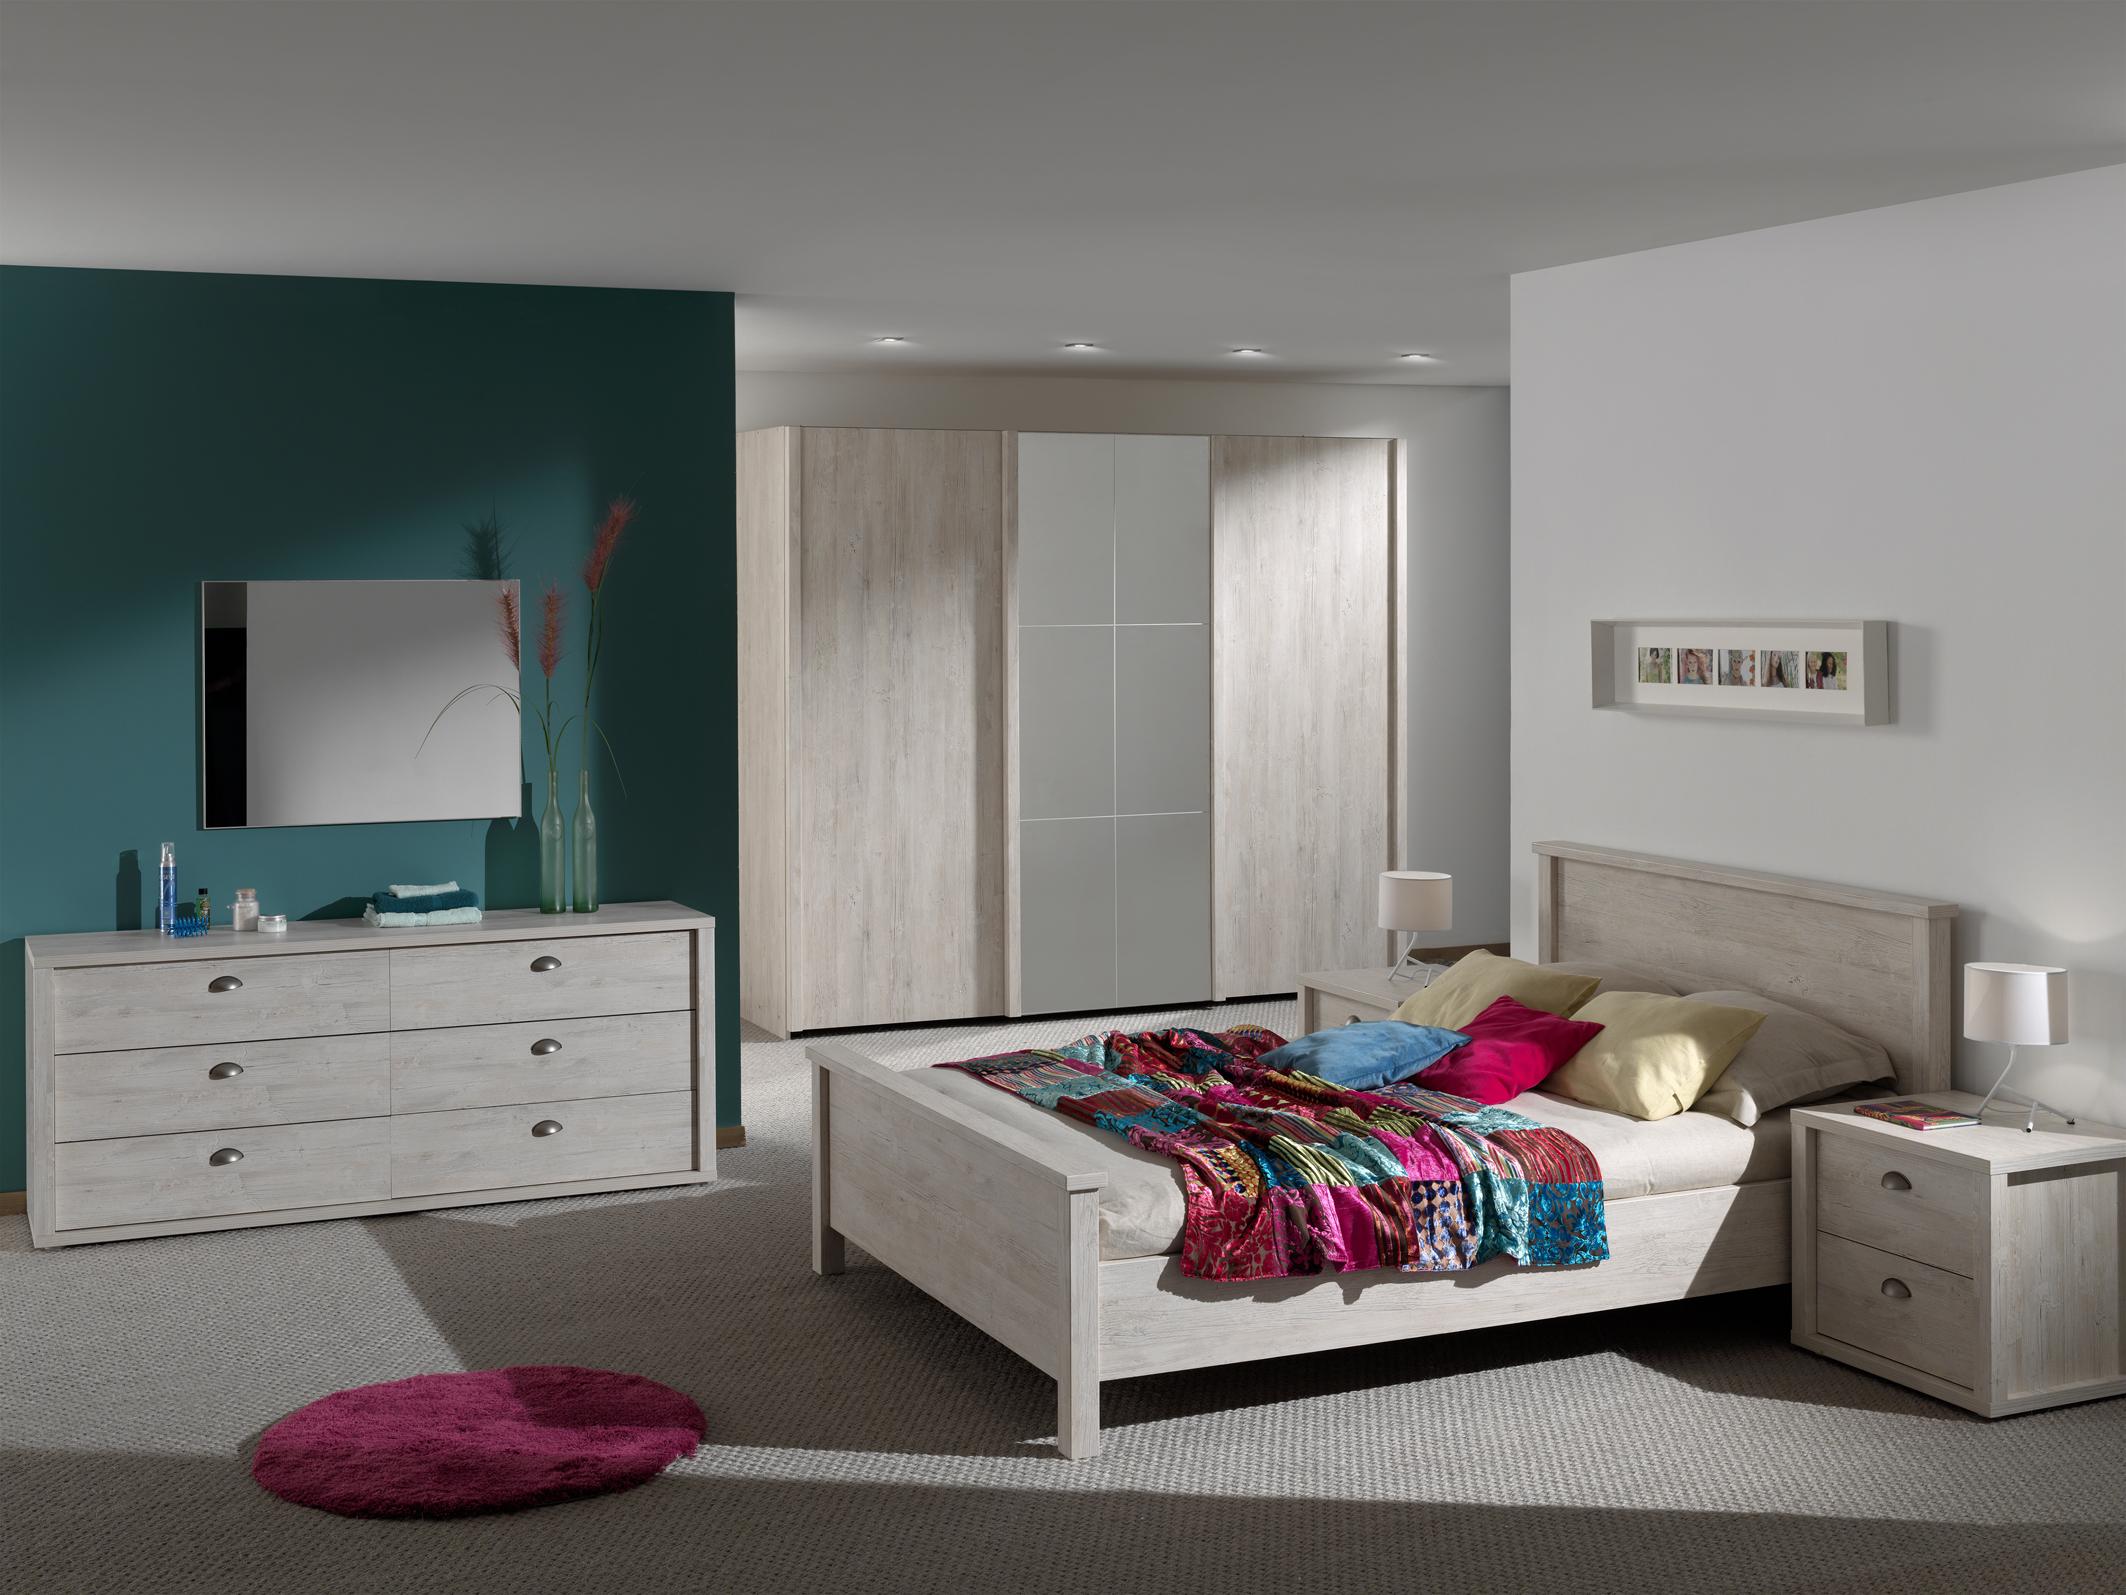 Peuter Bang Slaapkamer : Slaapkamer nina neyt beste ideen over huis en interieur